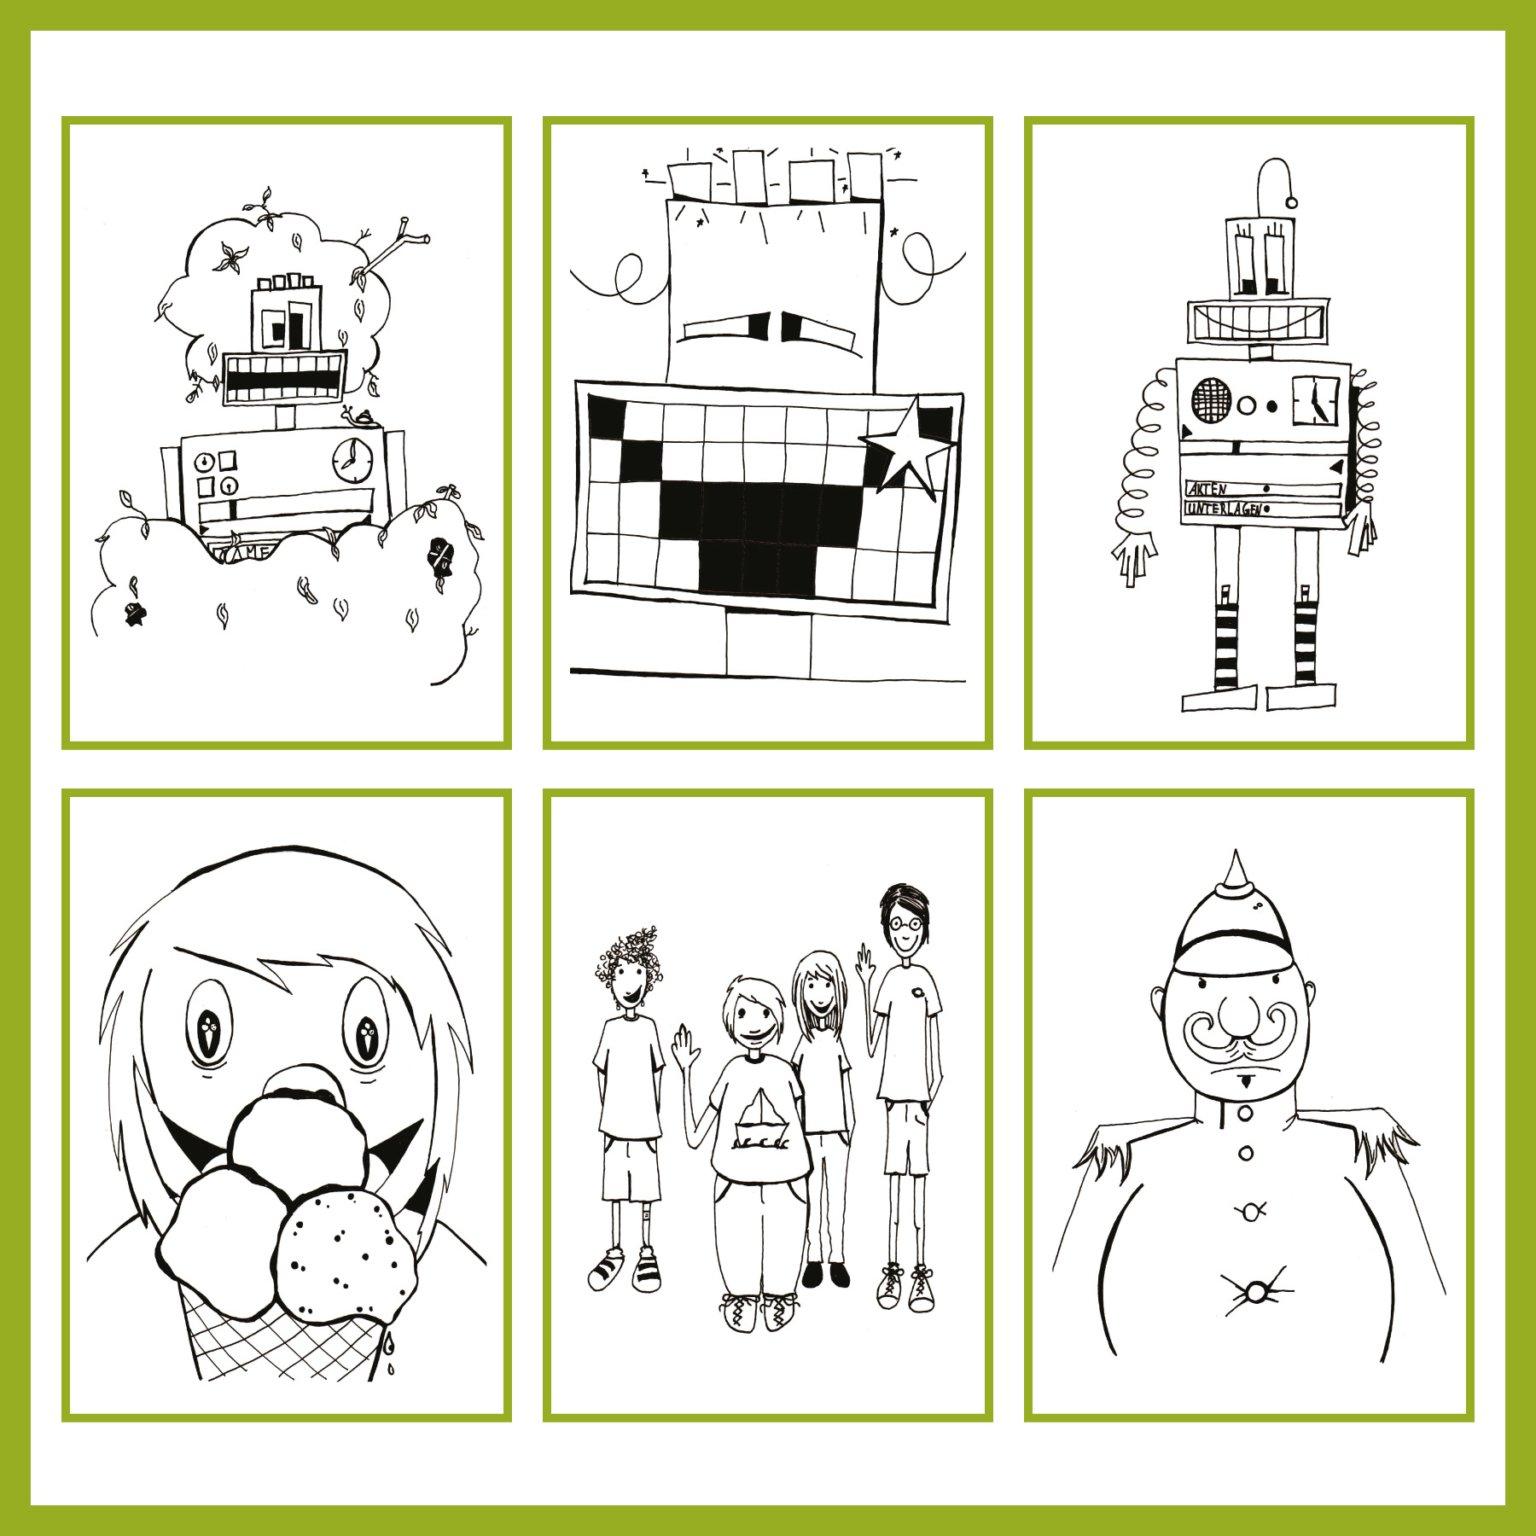 Auftragsarbeit - Der Roboter Archimedes